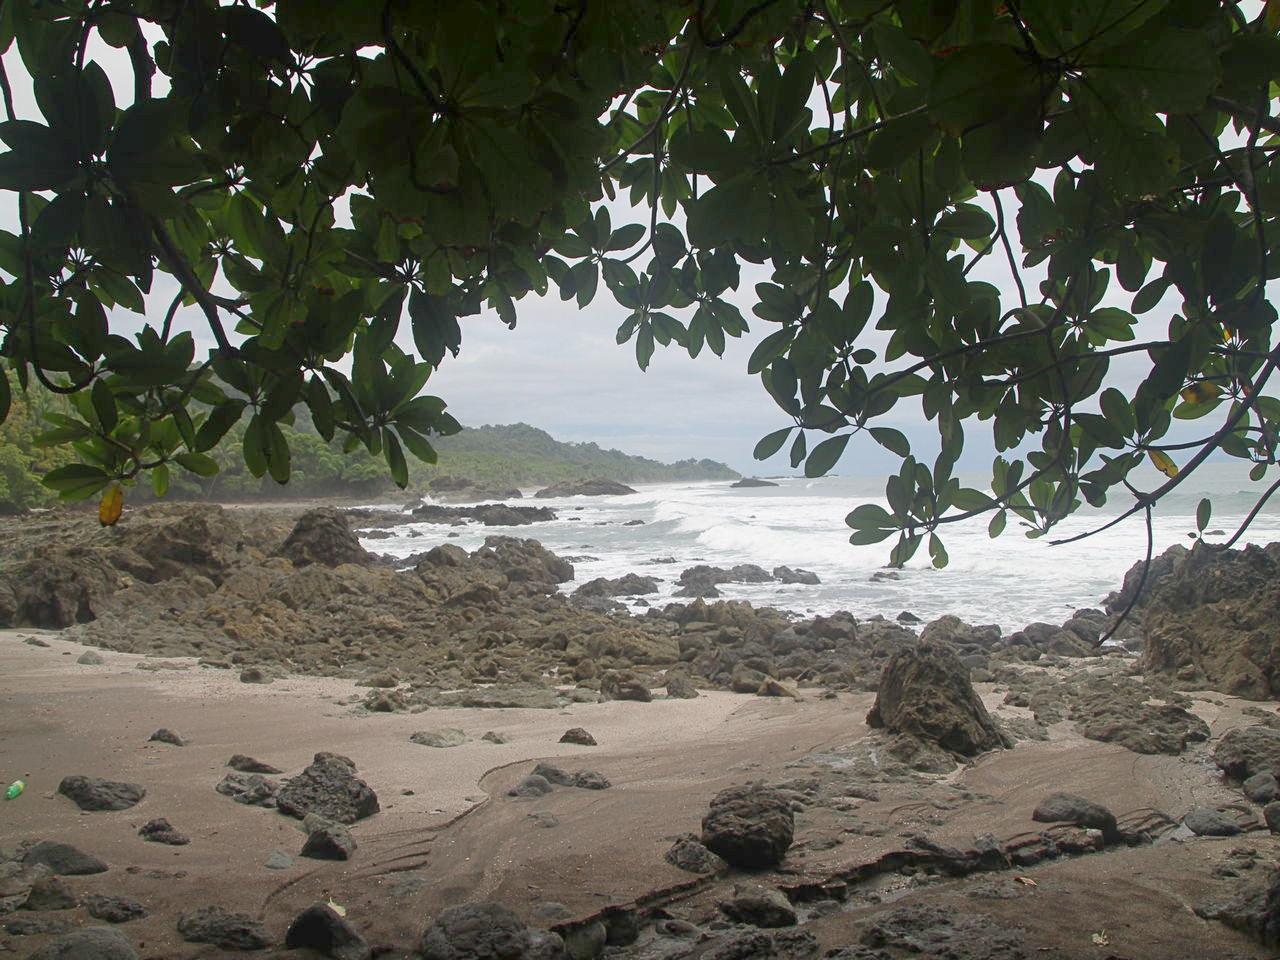 Desde Playa Montezuma a Playa Grande tienes vistas fabulosas como ésta.